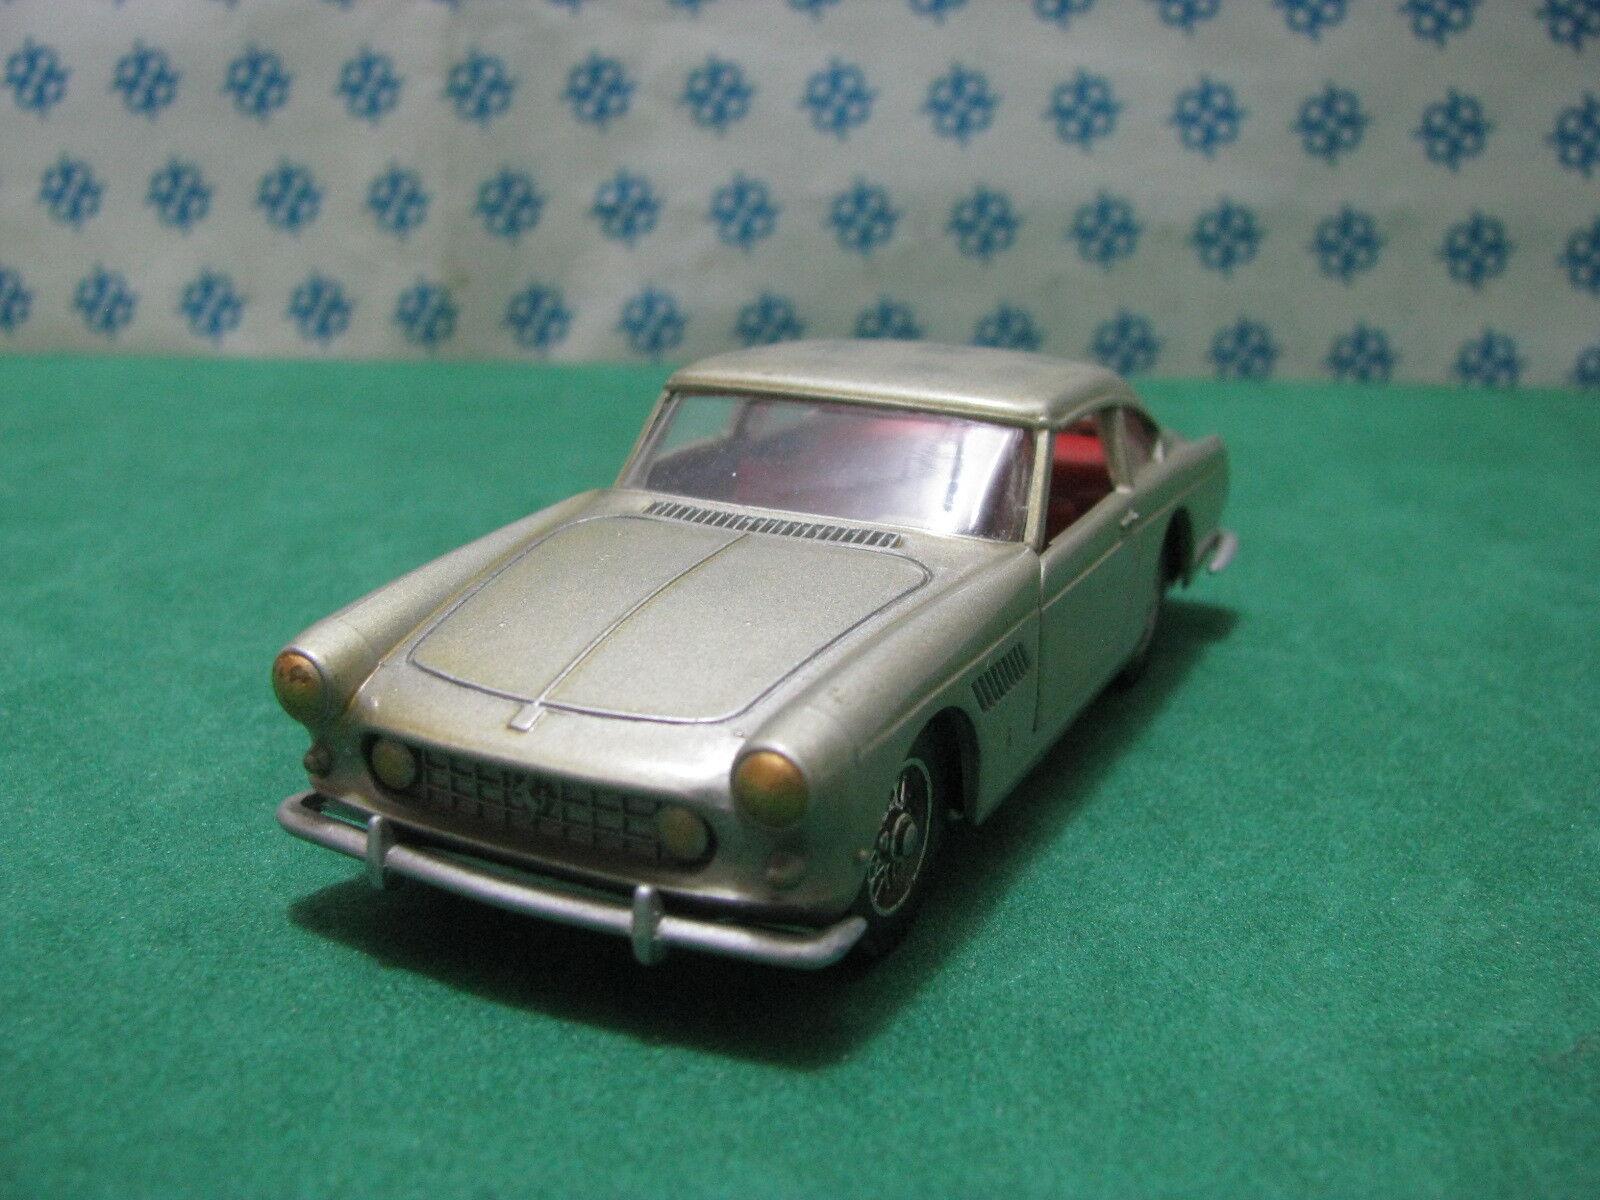 promociones de equipo Vintage  -   FERRARI FERRARI FERRARI 250 GT 2+2    - 1 43 Solido serie 100  Ref.123  Mint  Precio al por mayor y calidad confiable.